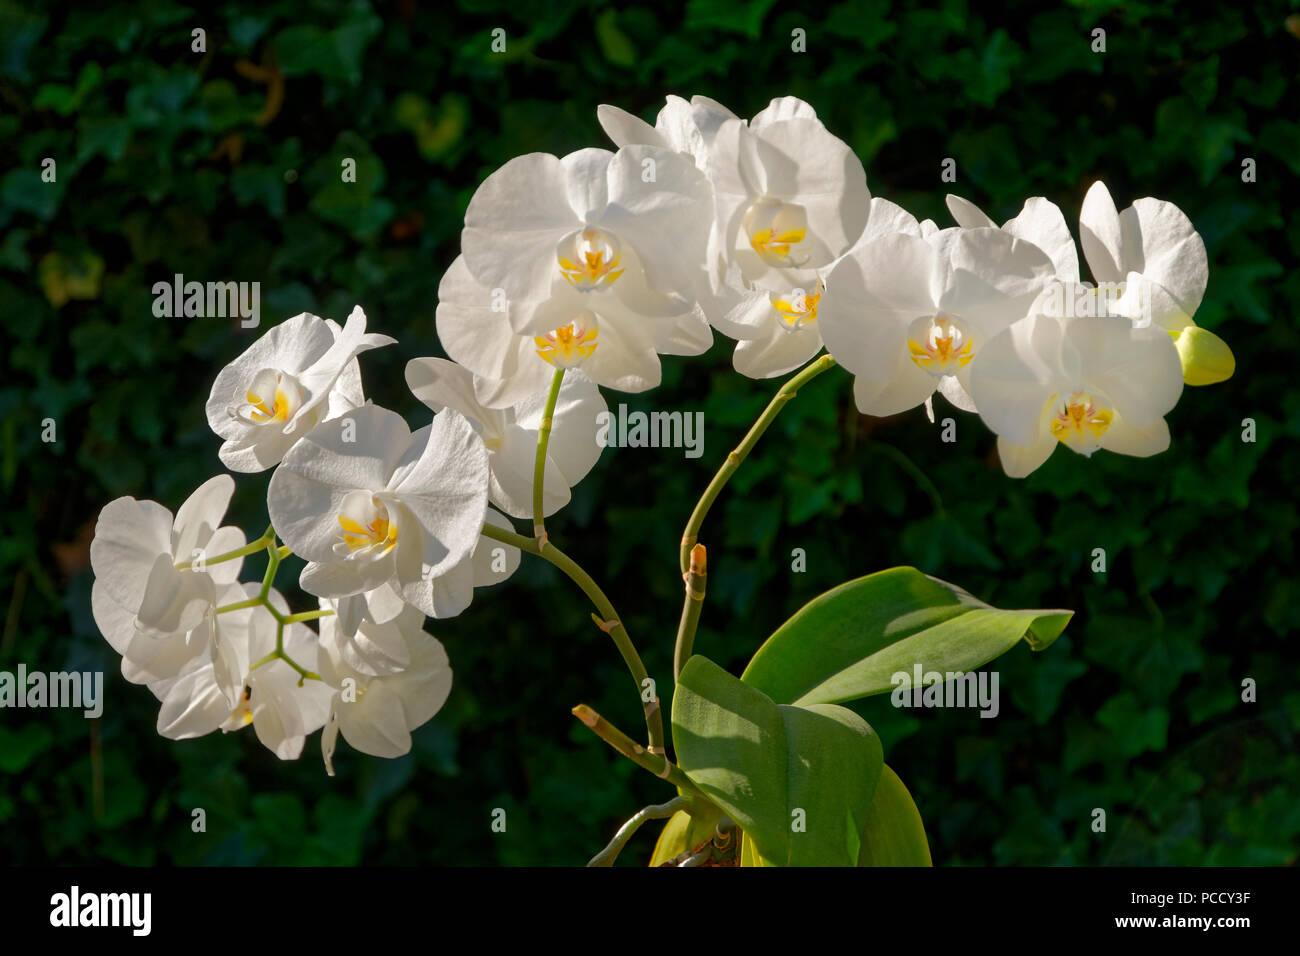 Fiori Orchidea Bianchi.Fiori Di Orchidea Bianchi A Volte Chiamato Moth Orchidea